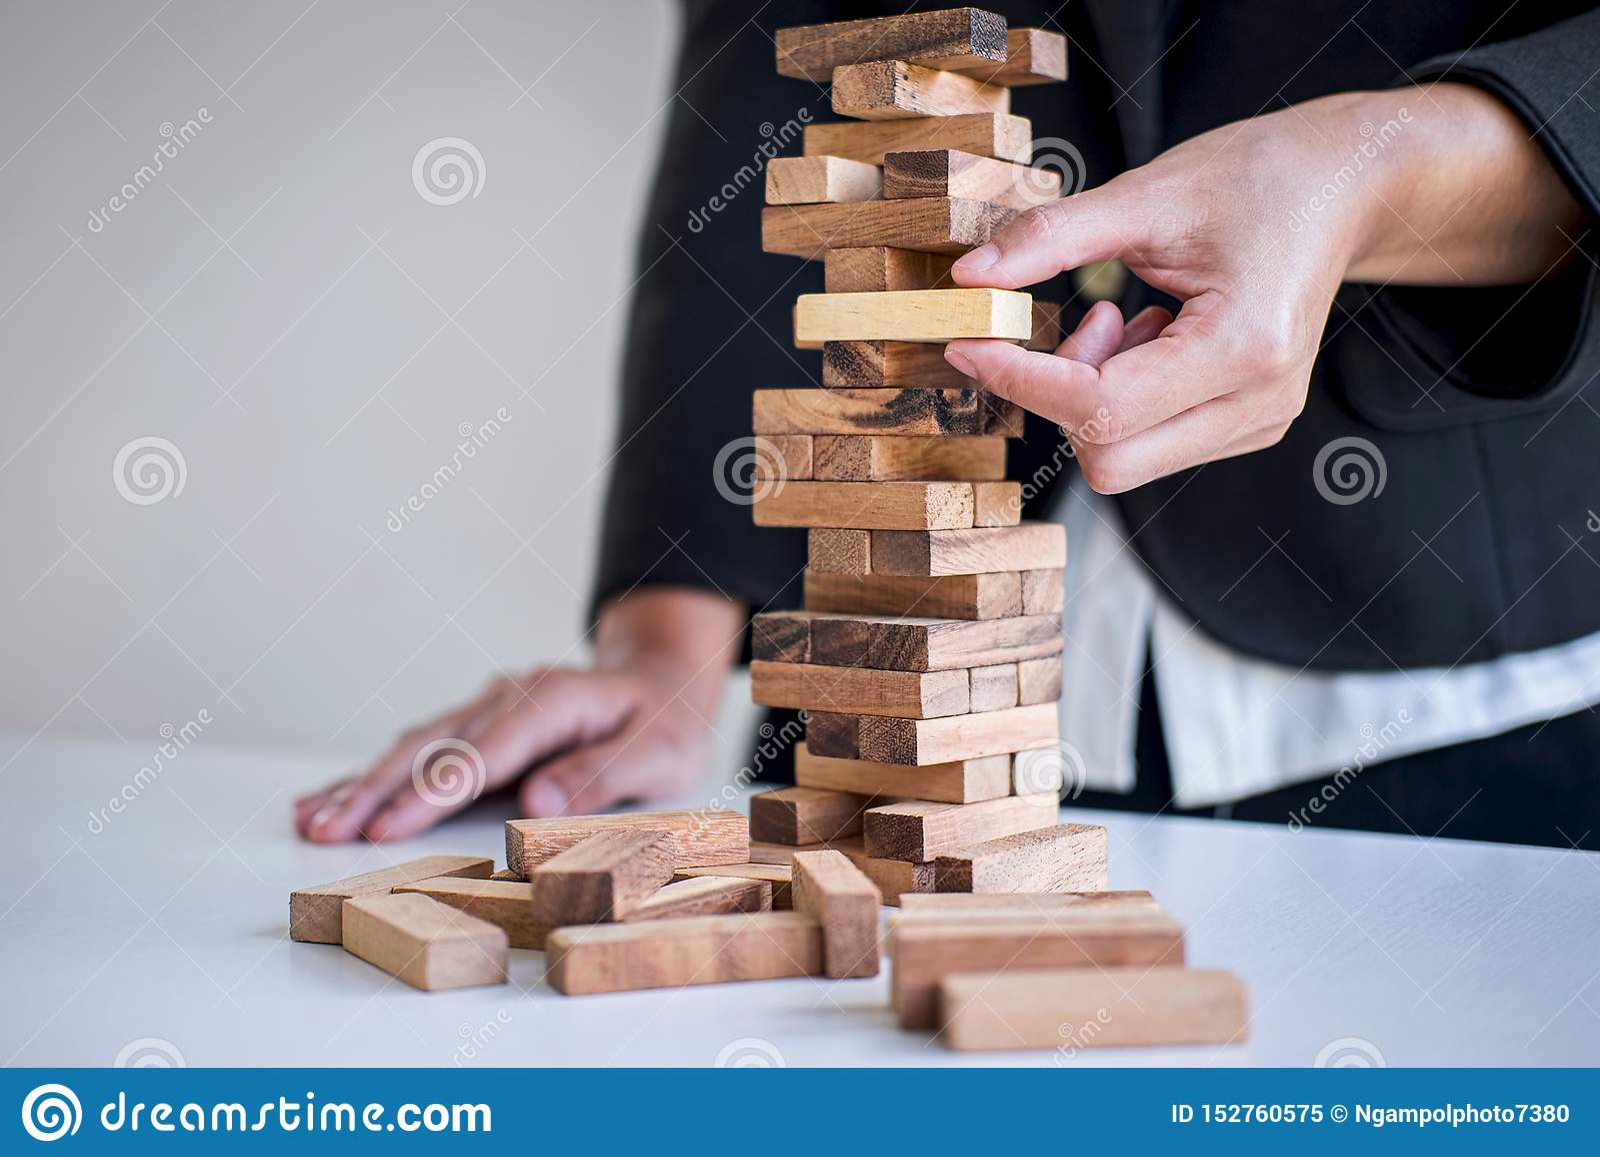 Risco e estratégia alternativos no negócio, mão da colocação de jogo inteligente da mulher de negócio fazendo a hierarquia de mad